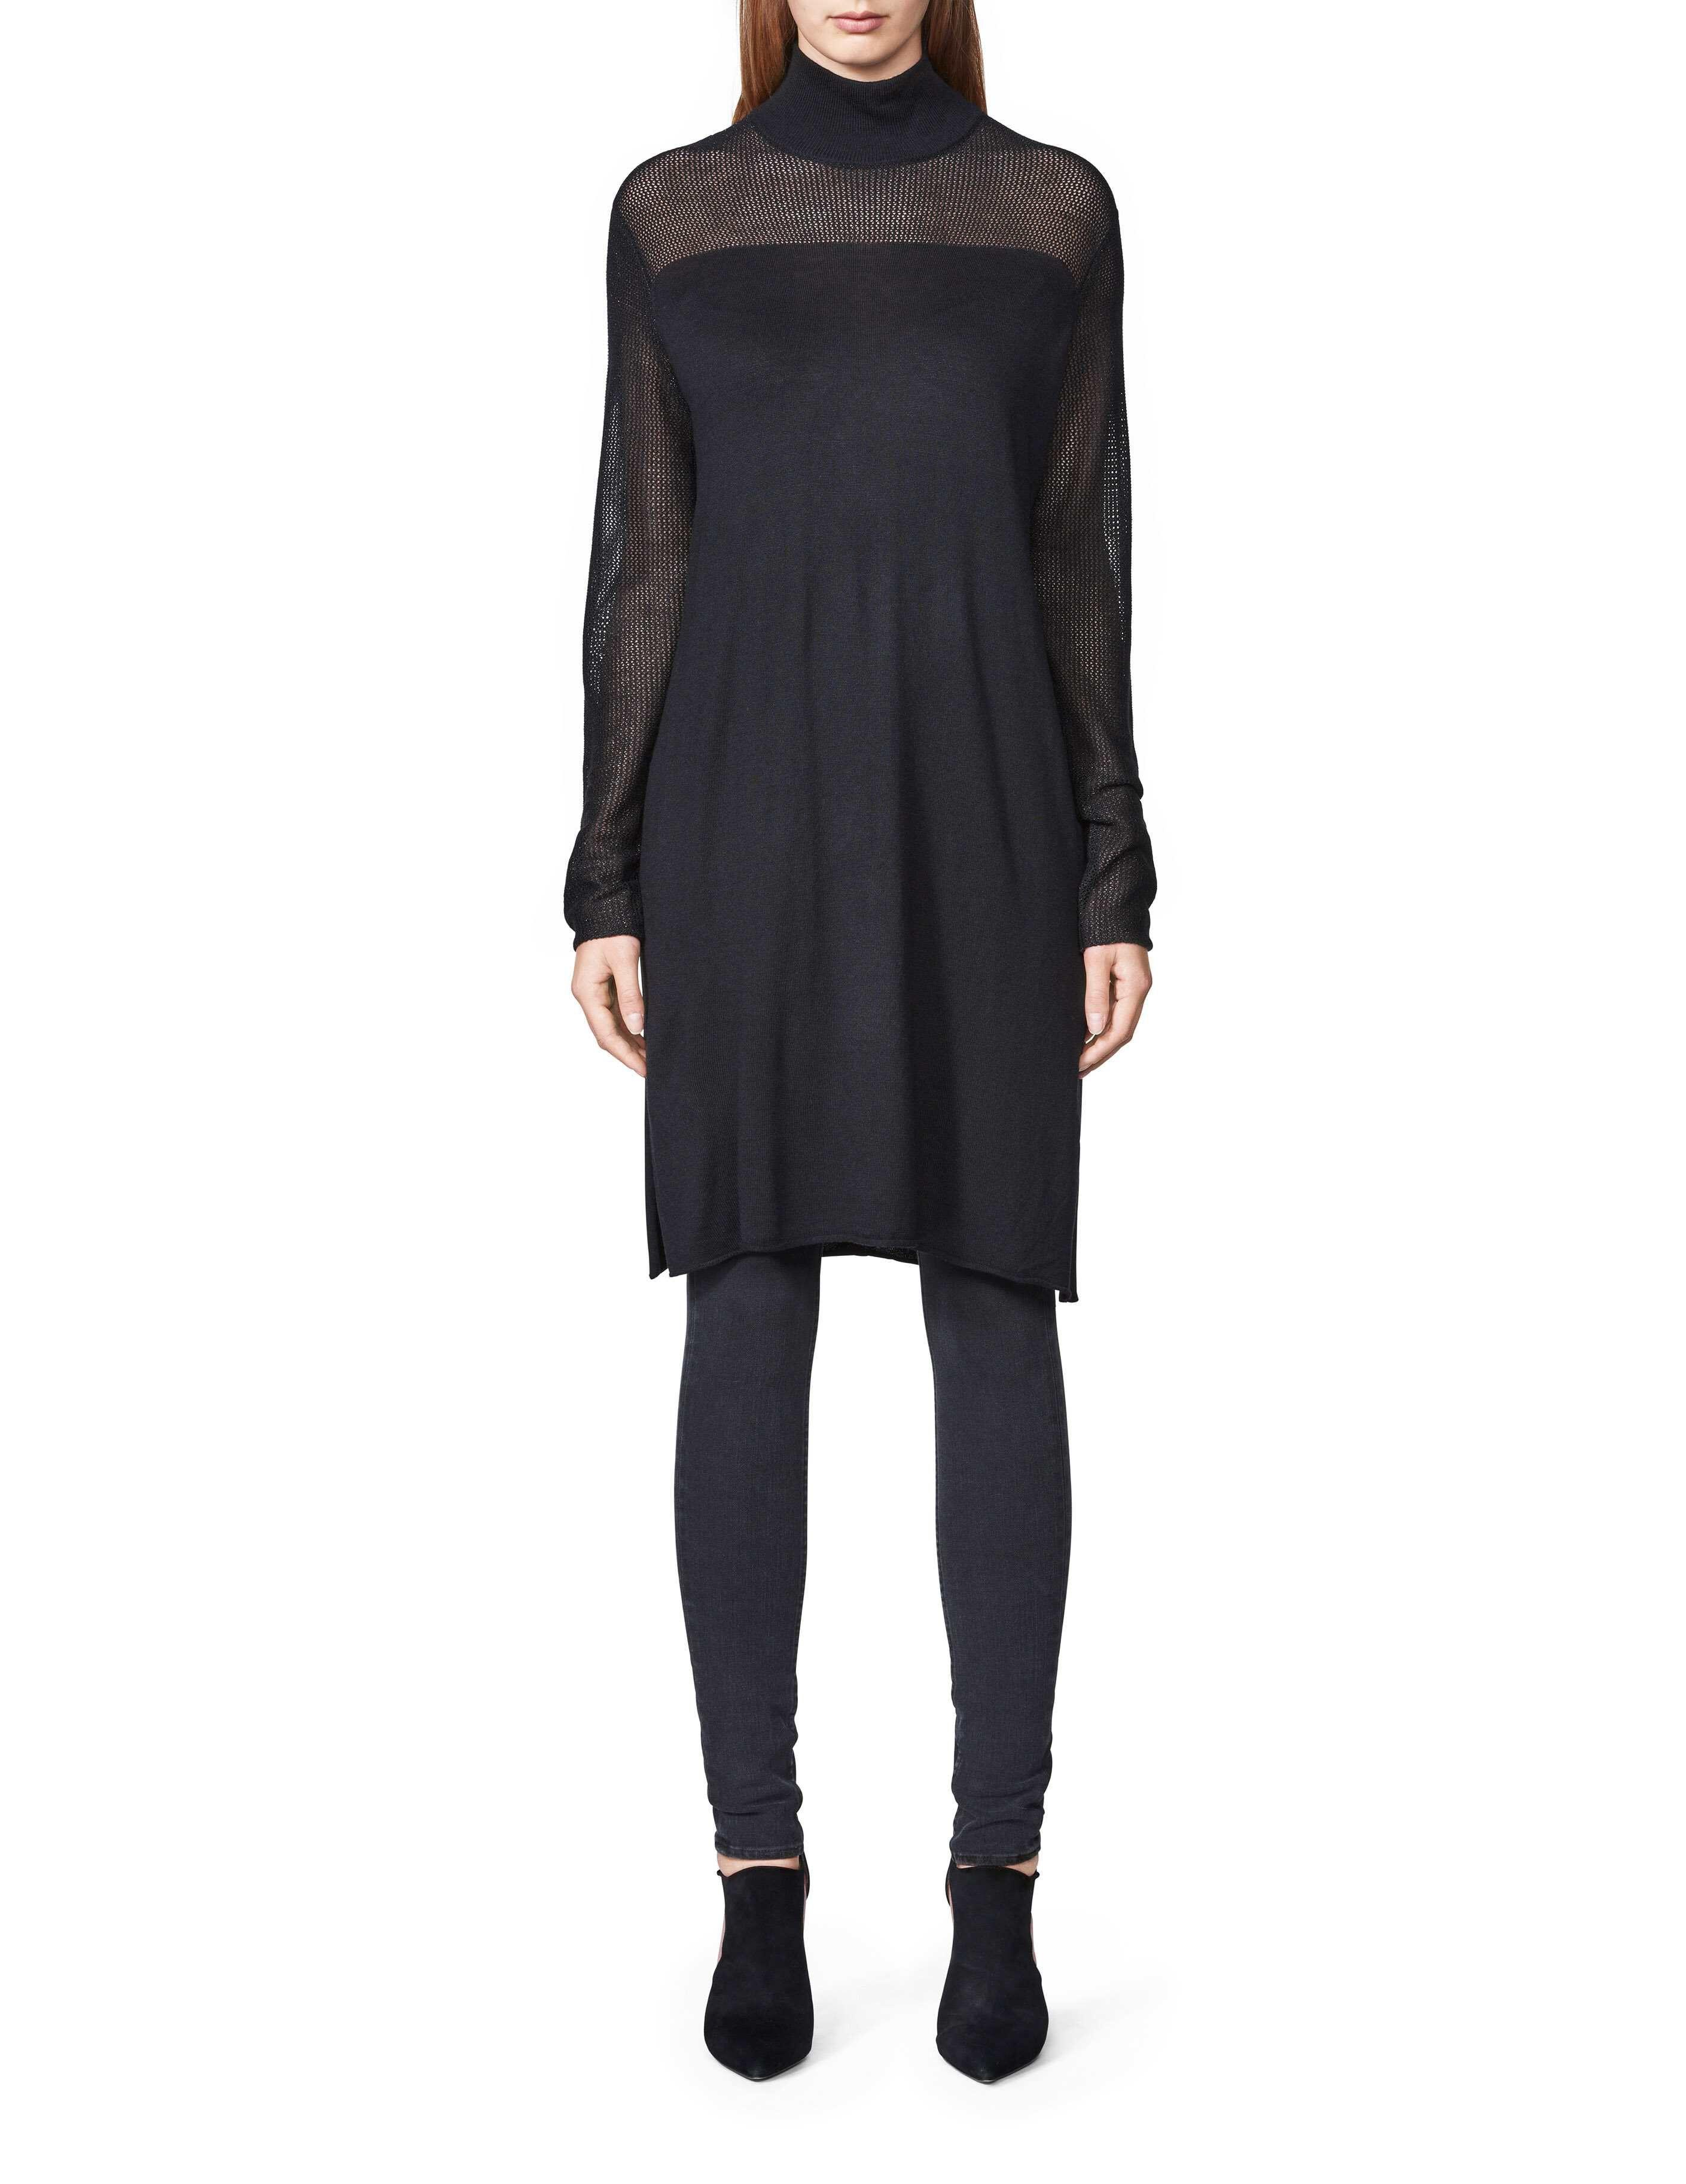 kaufen Shine Kleid Shine Damen Damen Online Kleid GjqUzVpSML